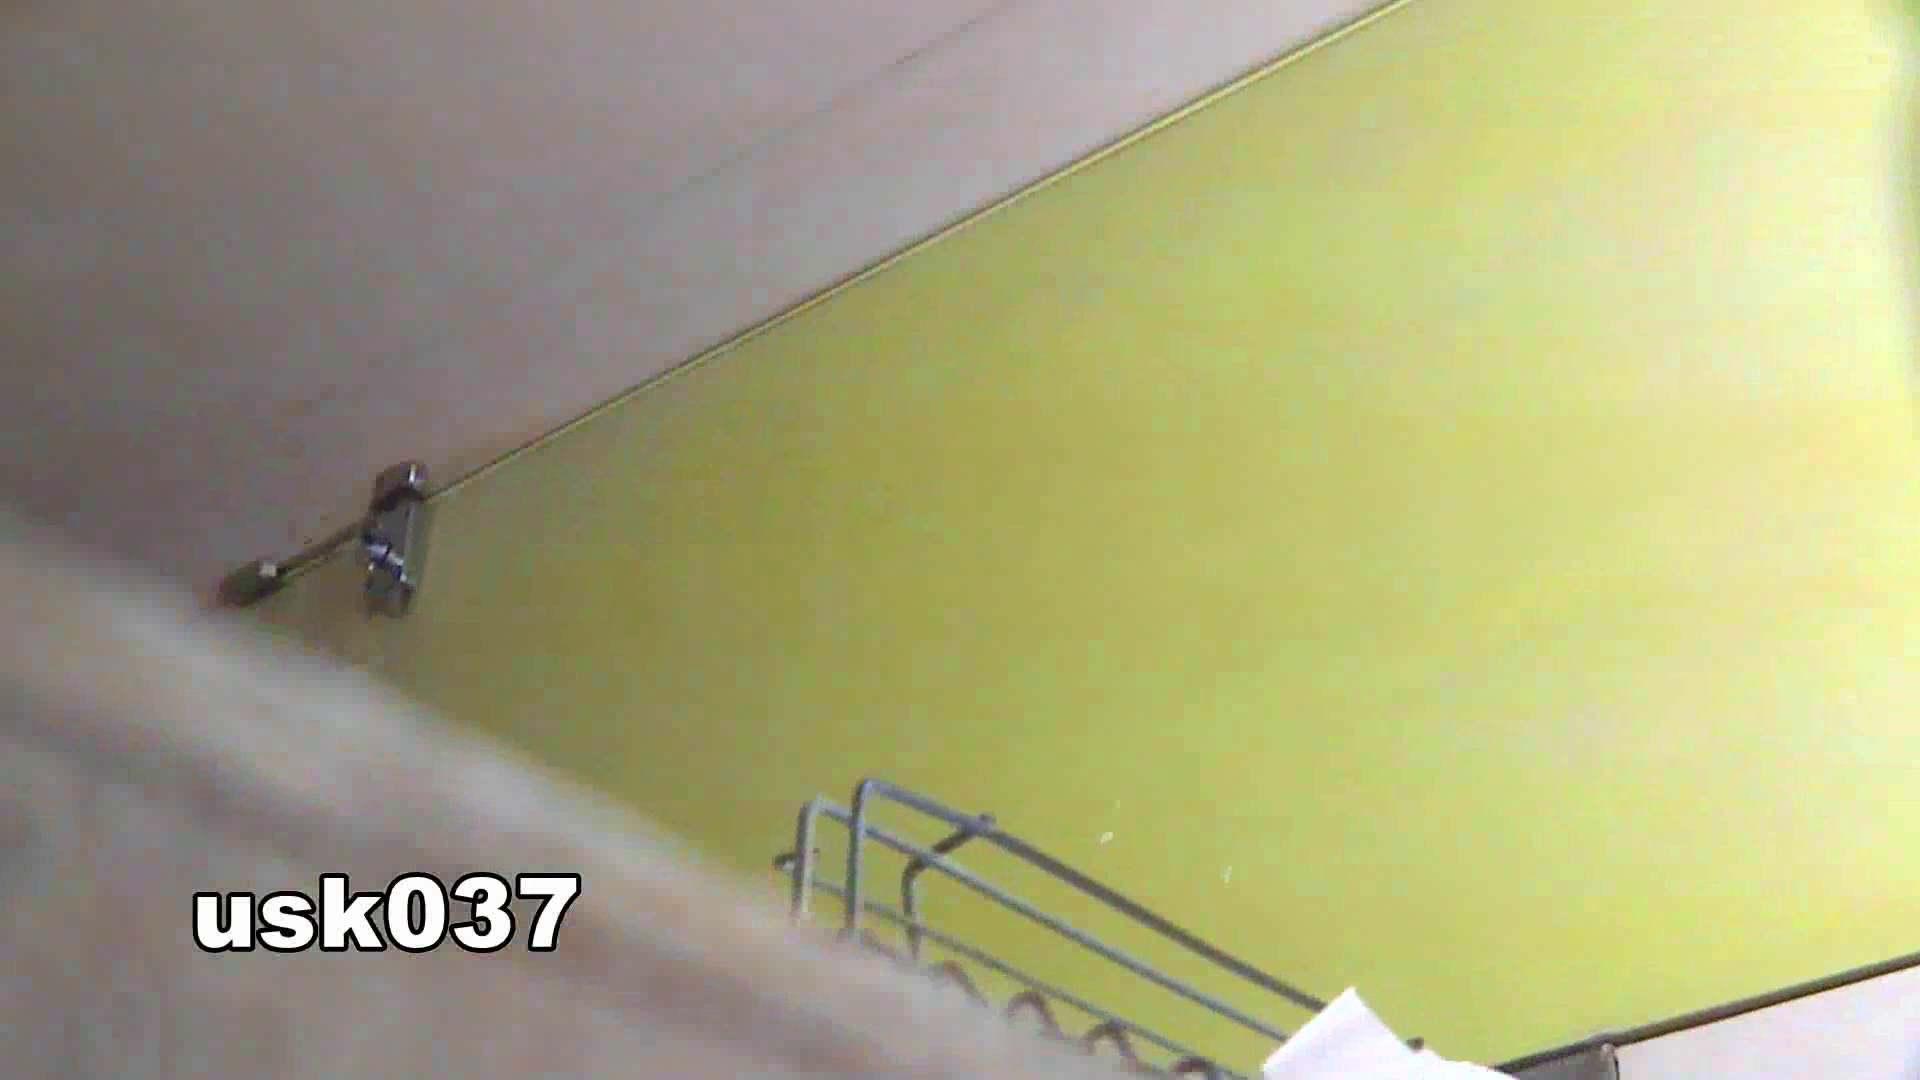 【美しき個室な世界】 vol.037 ひねり出す様子(フトイです) 高画質  99枚 48